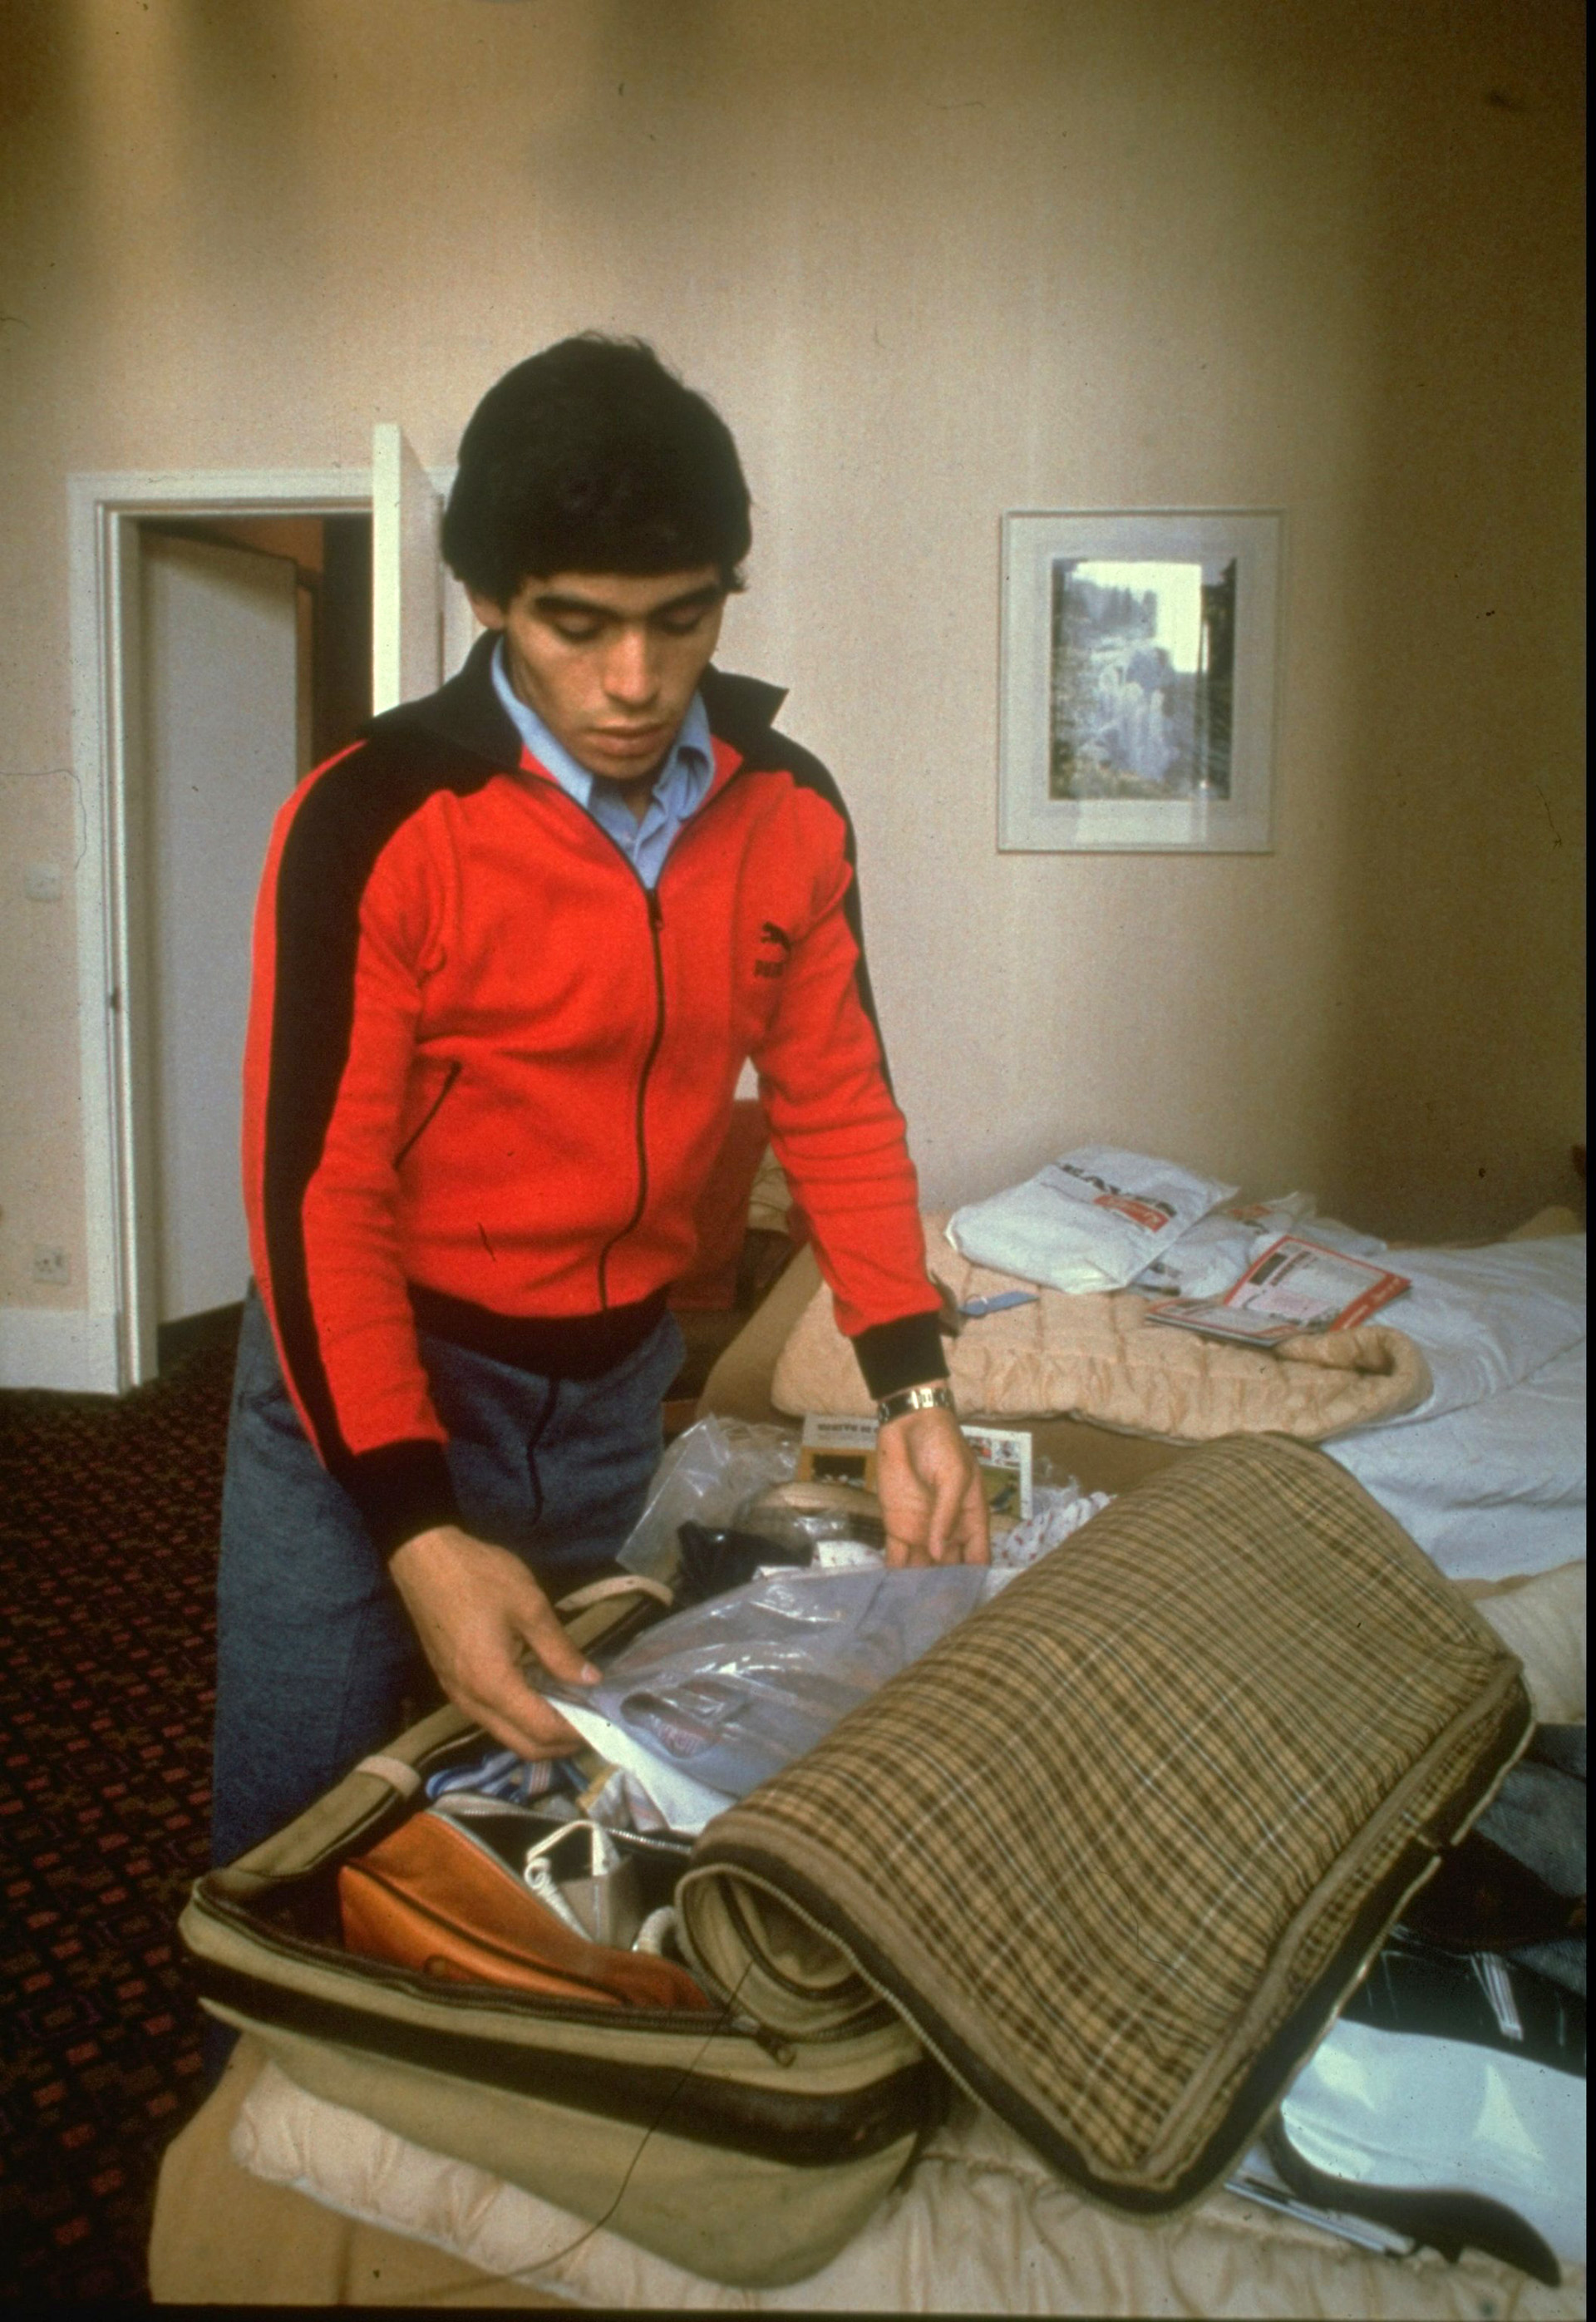 Armando la valija, previo a viajar